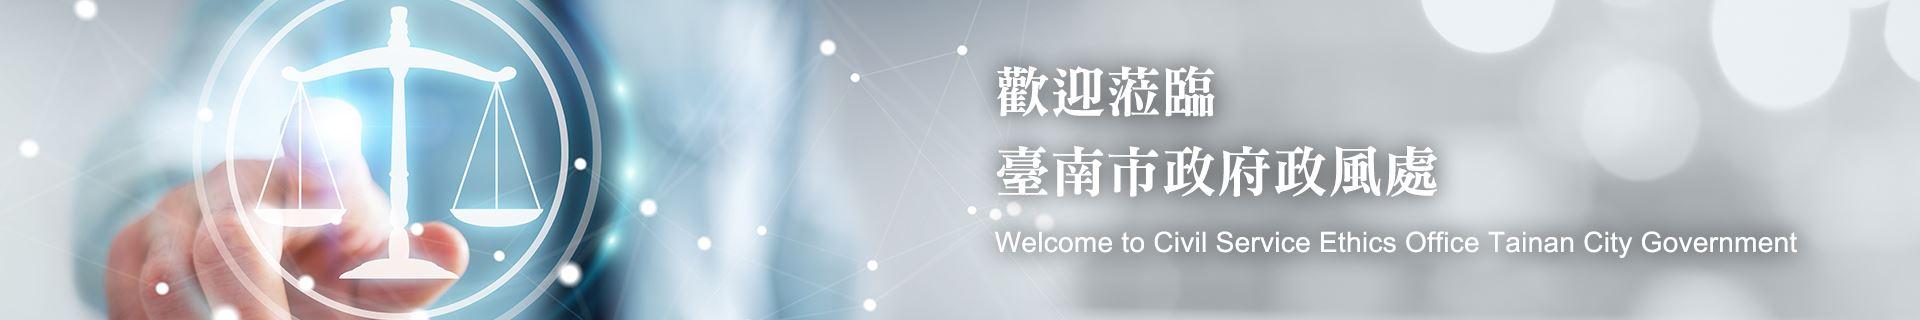 歡迎蒞臨臺南市政府政風處